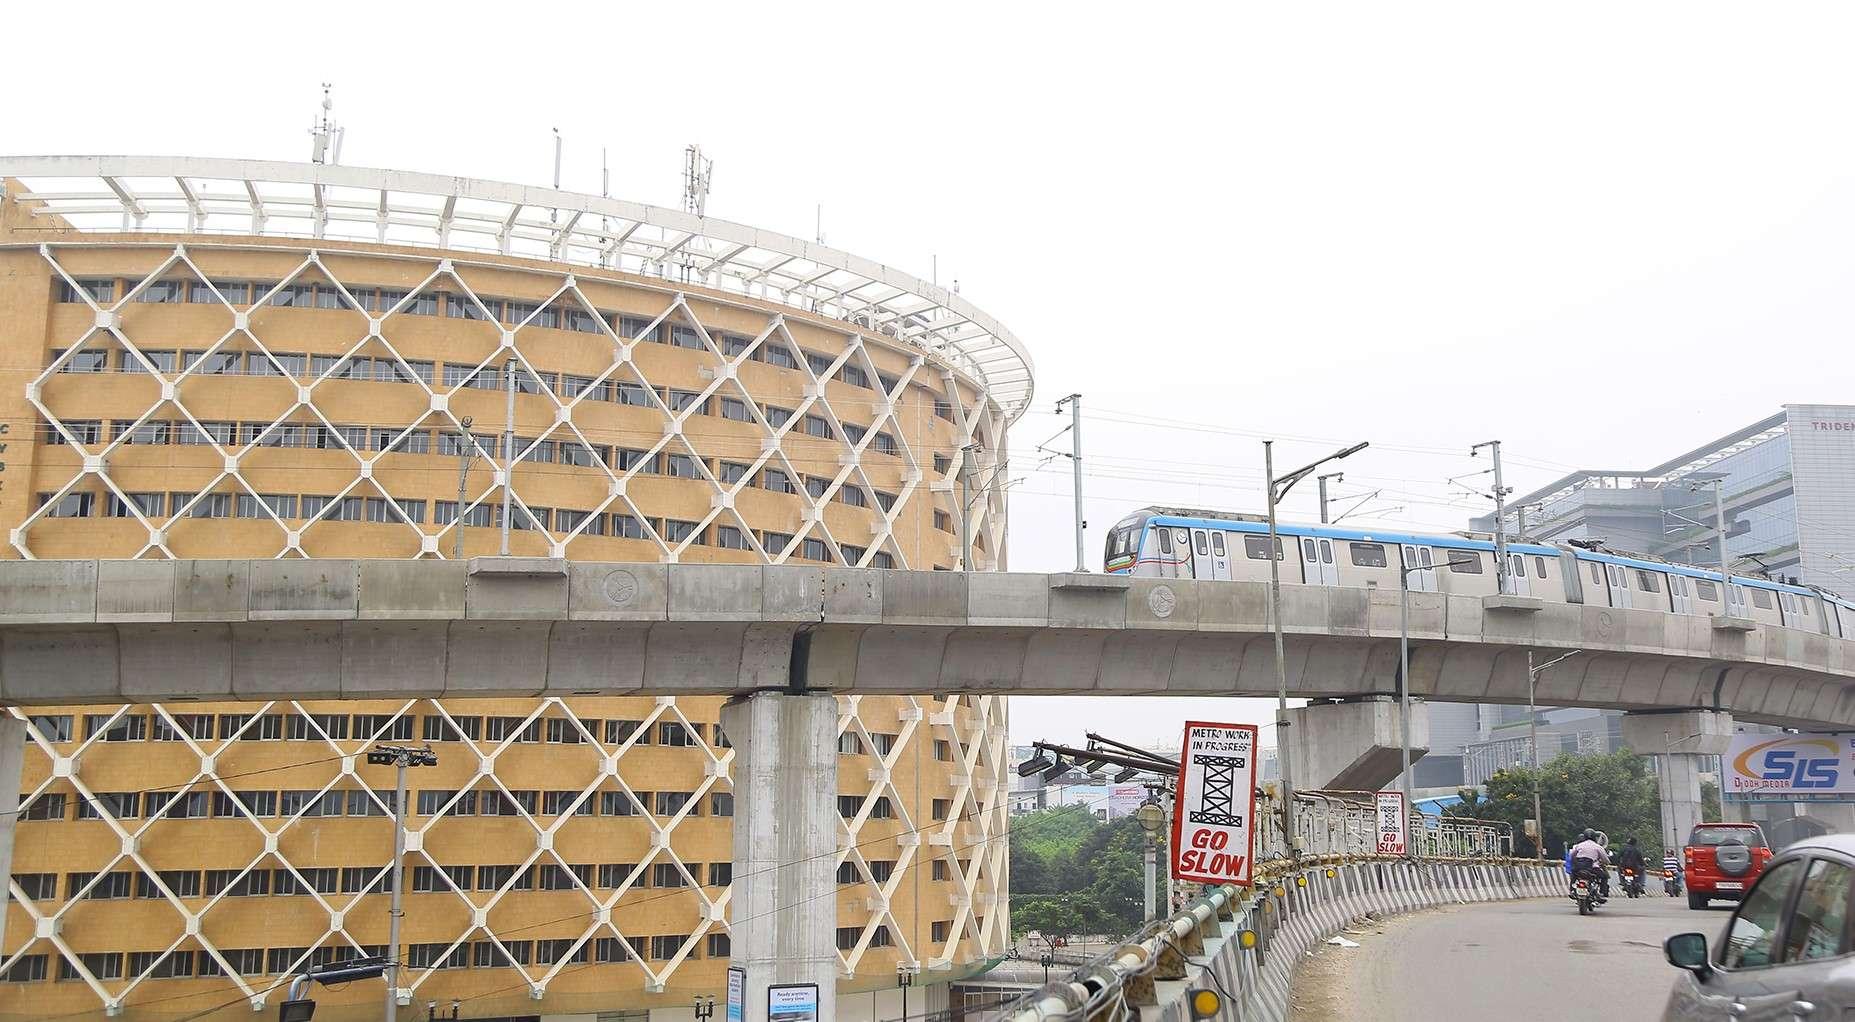 हैदराबाद मेट्रो रेल: कमिश्नर फॉर मेट्रो रेल सेफ्टी ने सिग्नल और ट्रेन नियंत्रण प्रणाली के लिए तकनीकी उन्नयन को मंजूरी दी